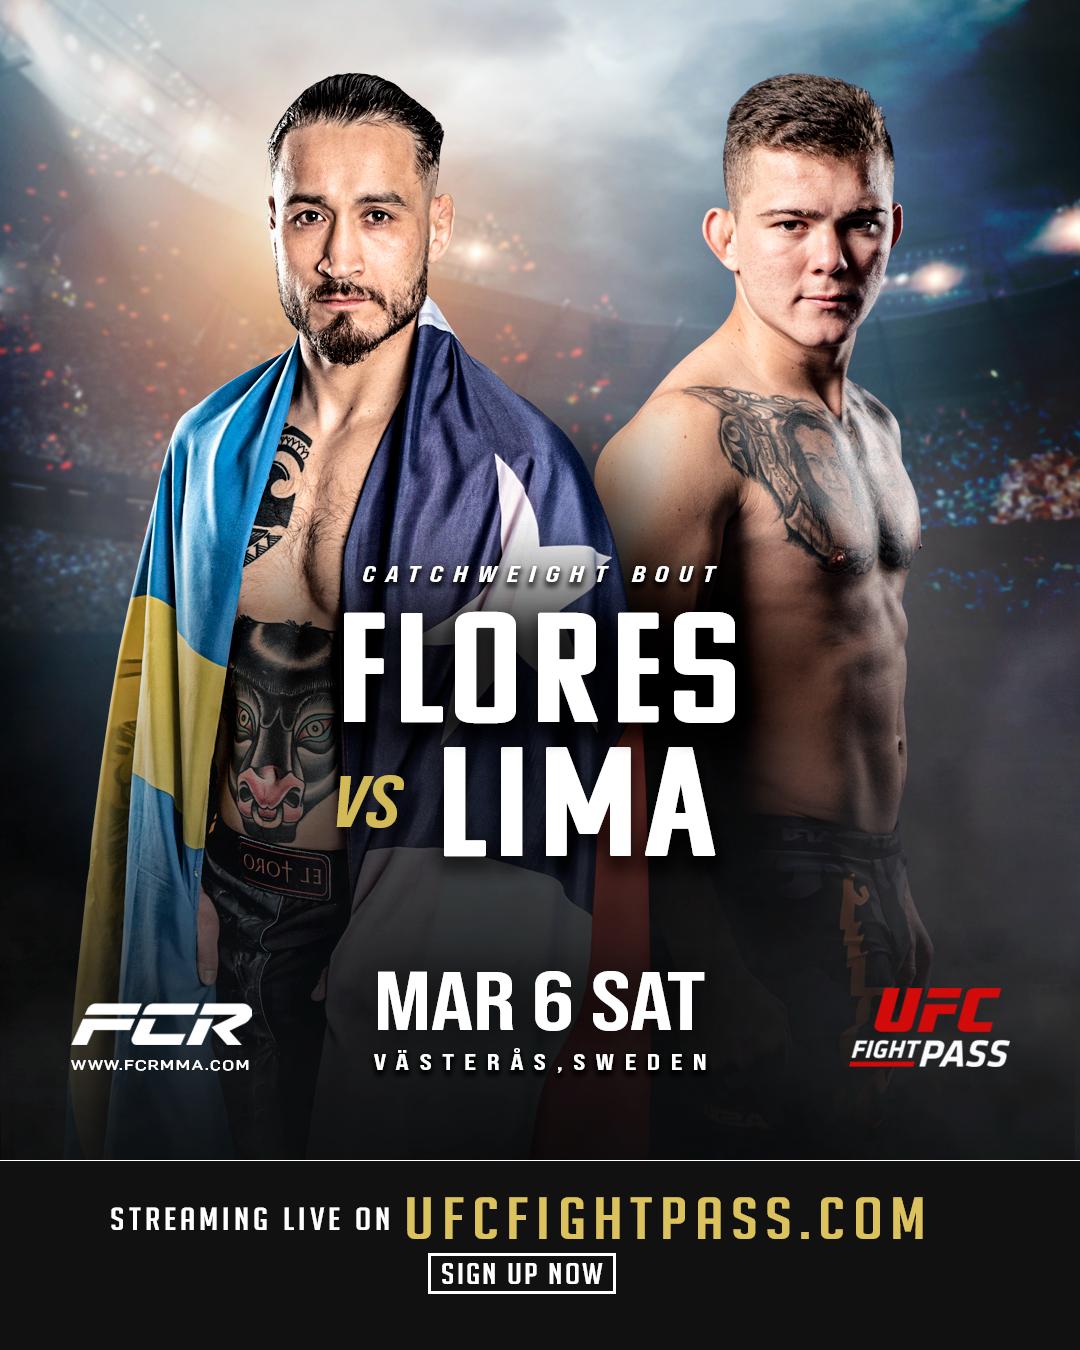 Affisch på Fernando Flores och Felipe Lima inför FCR8